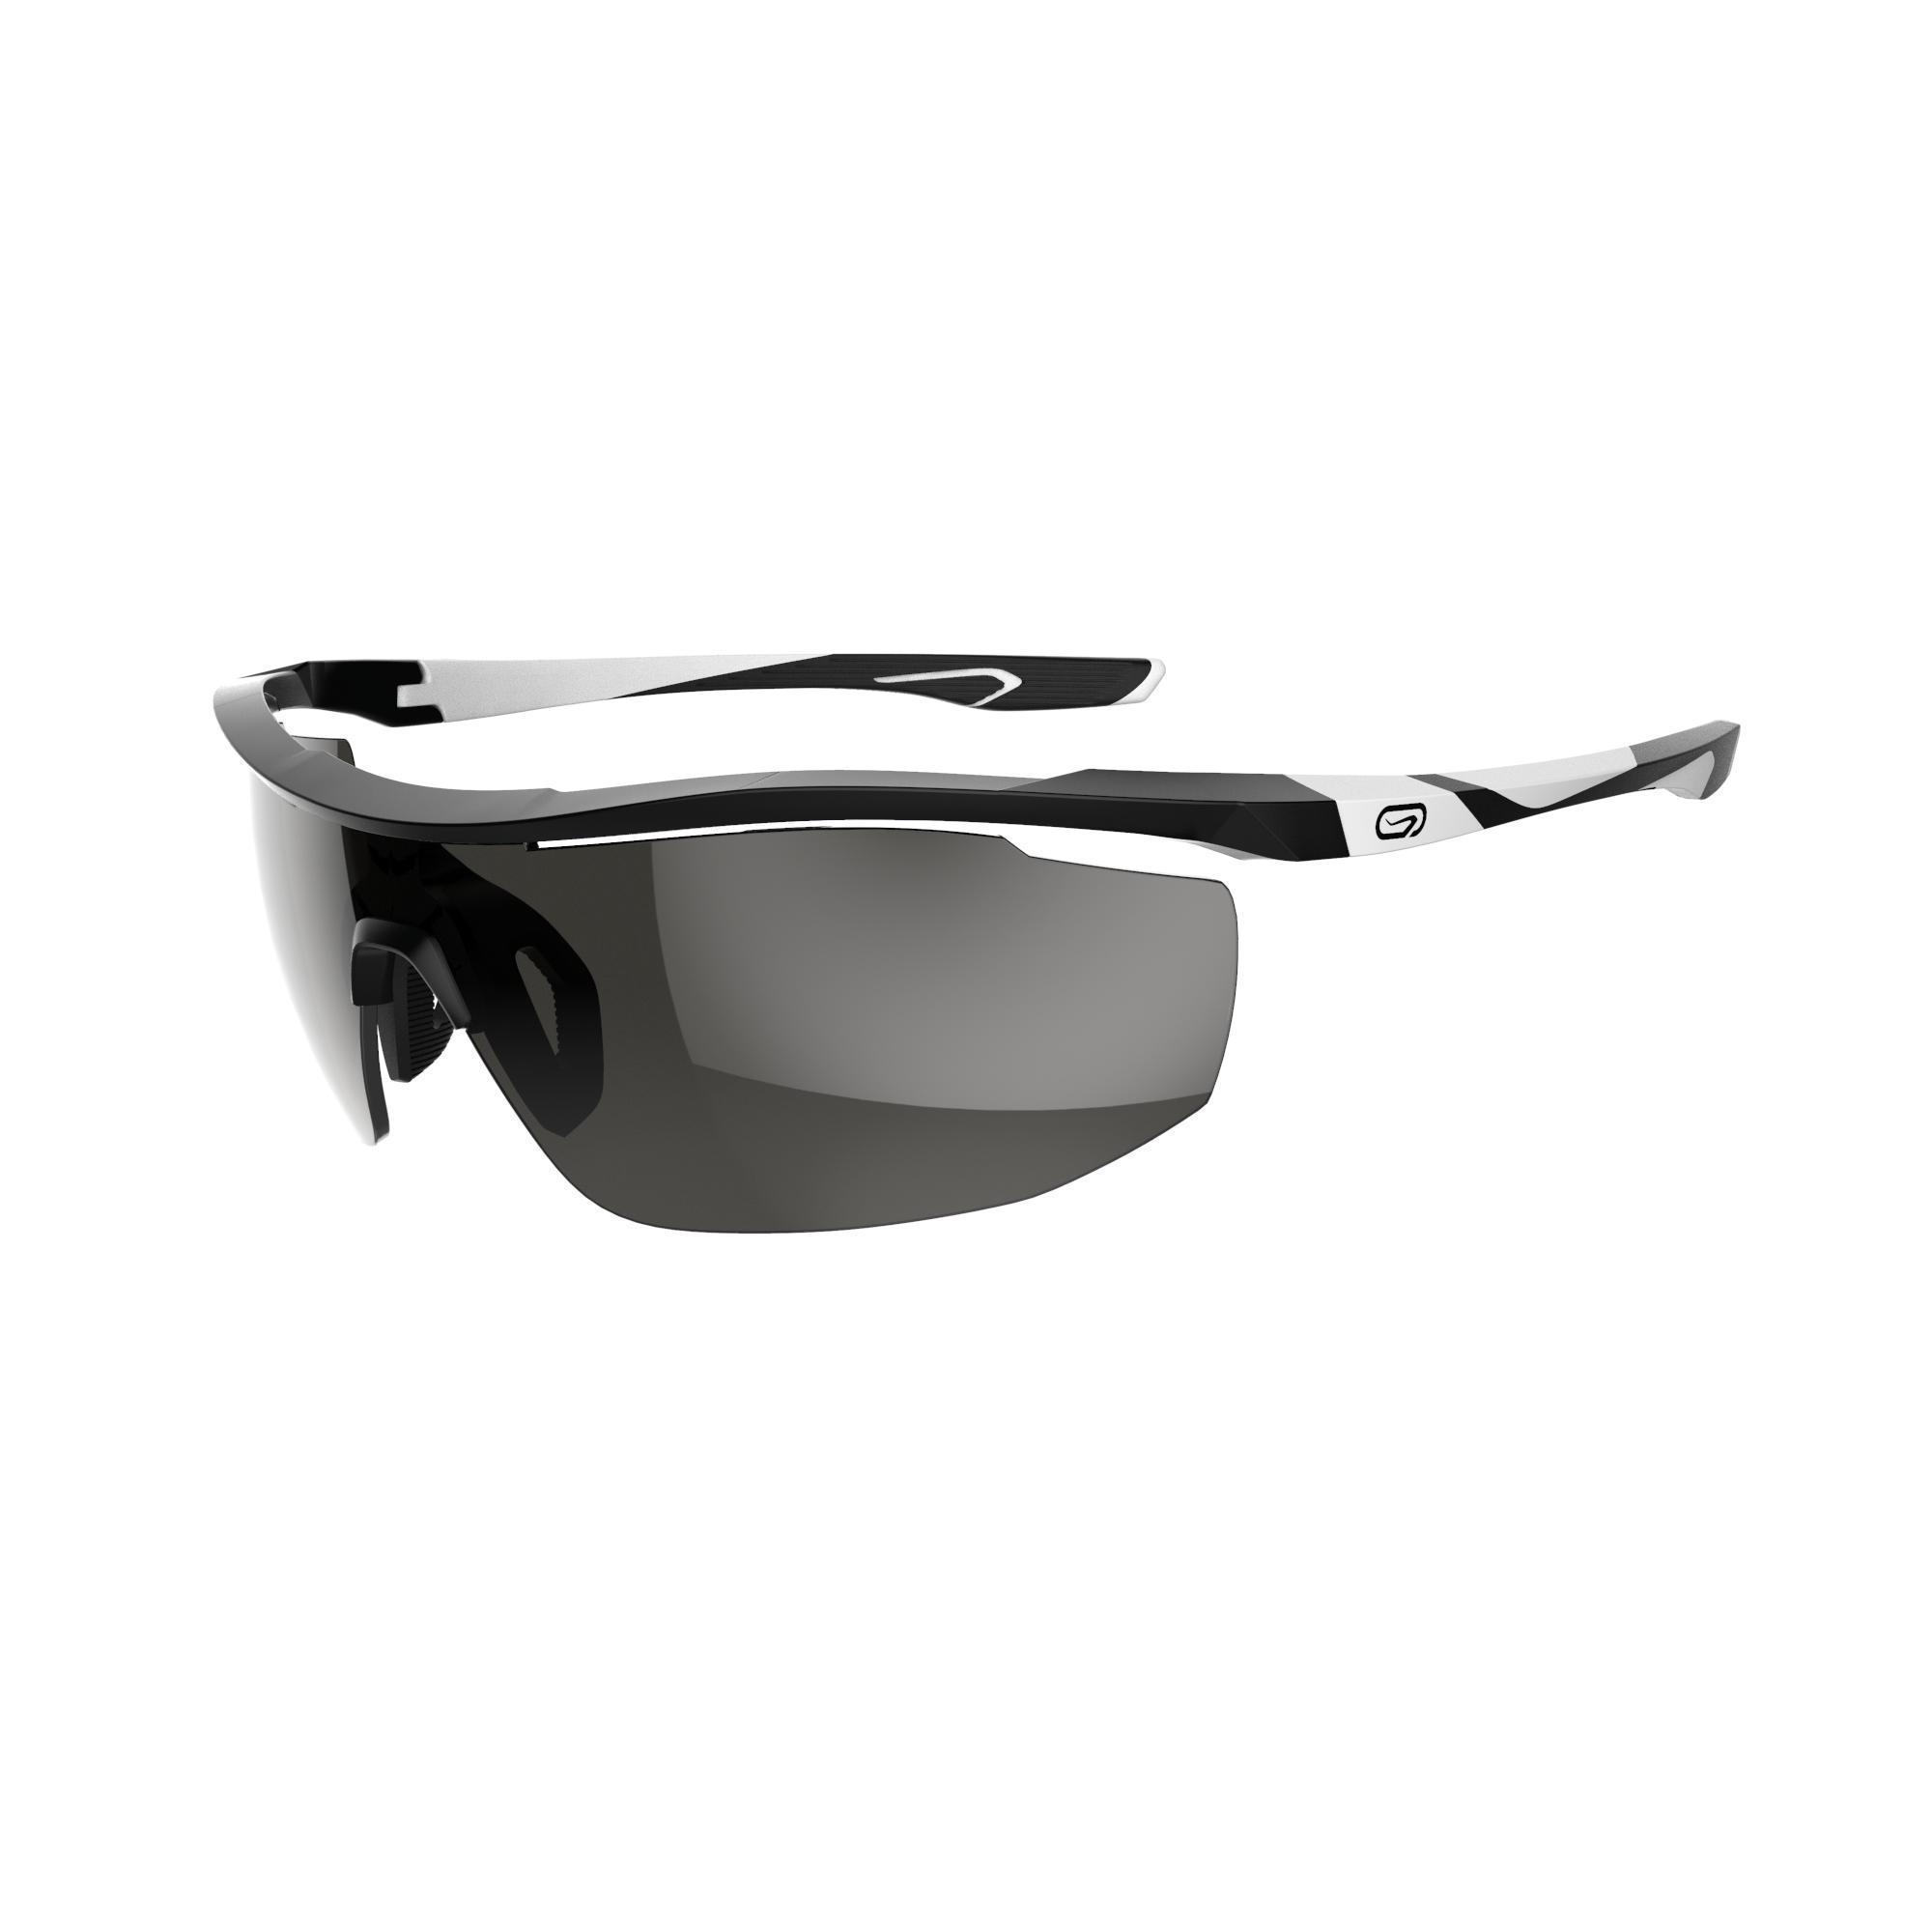 Sonnenbrille Laufen 500 Kat. 3 schwarz/weiß | Accessoires > Sonnenbrillen | Weiß | Polyamid | Kalenji